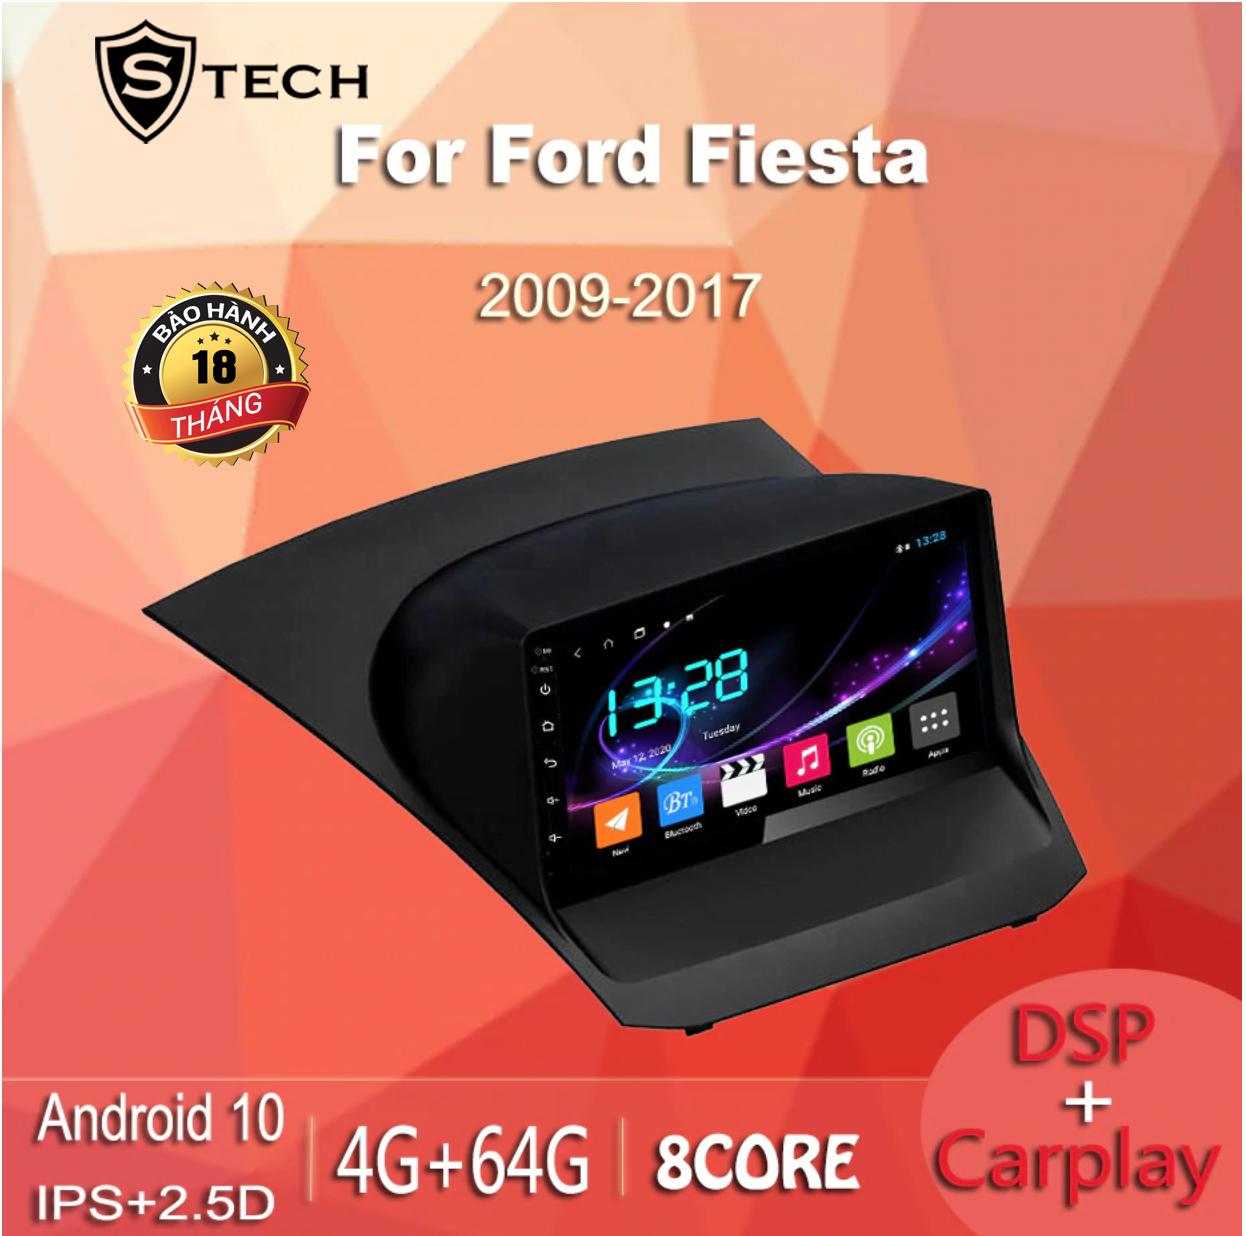 Màn Hình Android Stech S600 Xe Ford Fiesta 2011